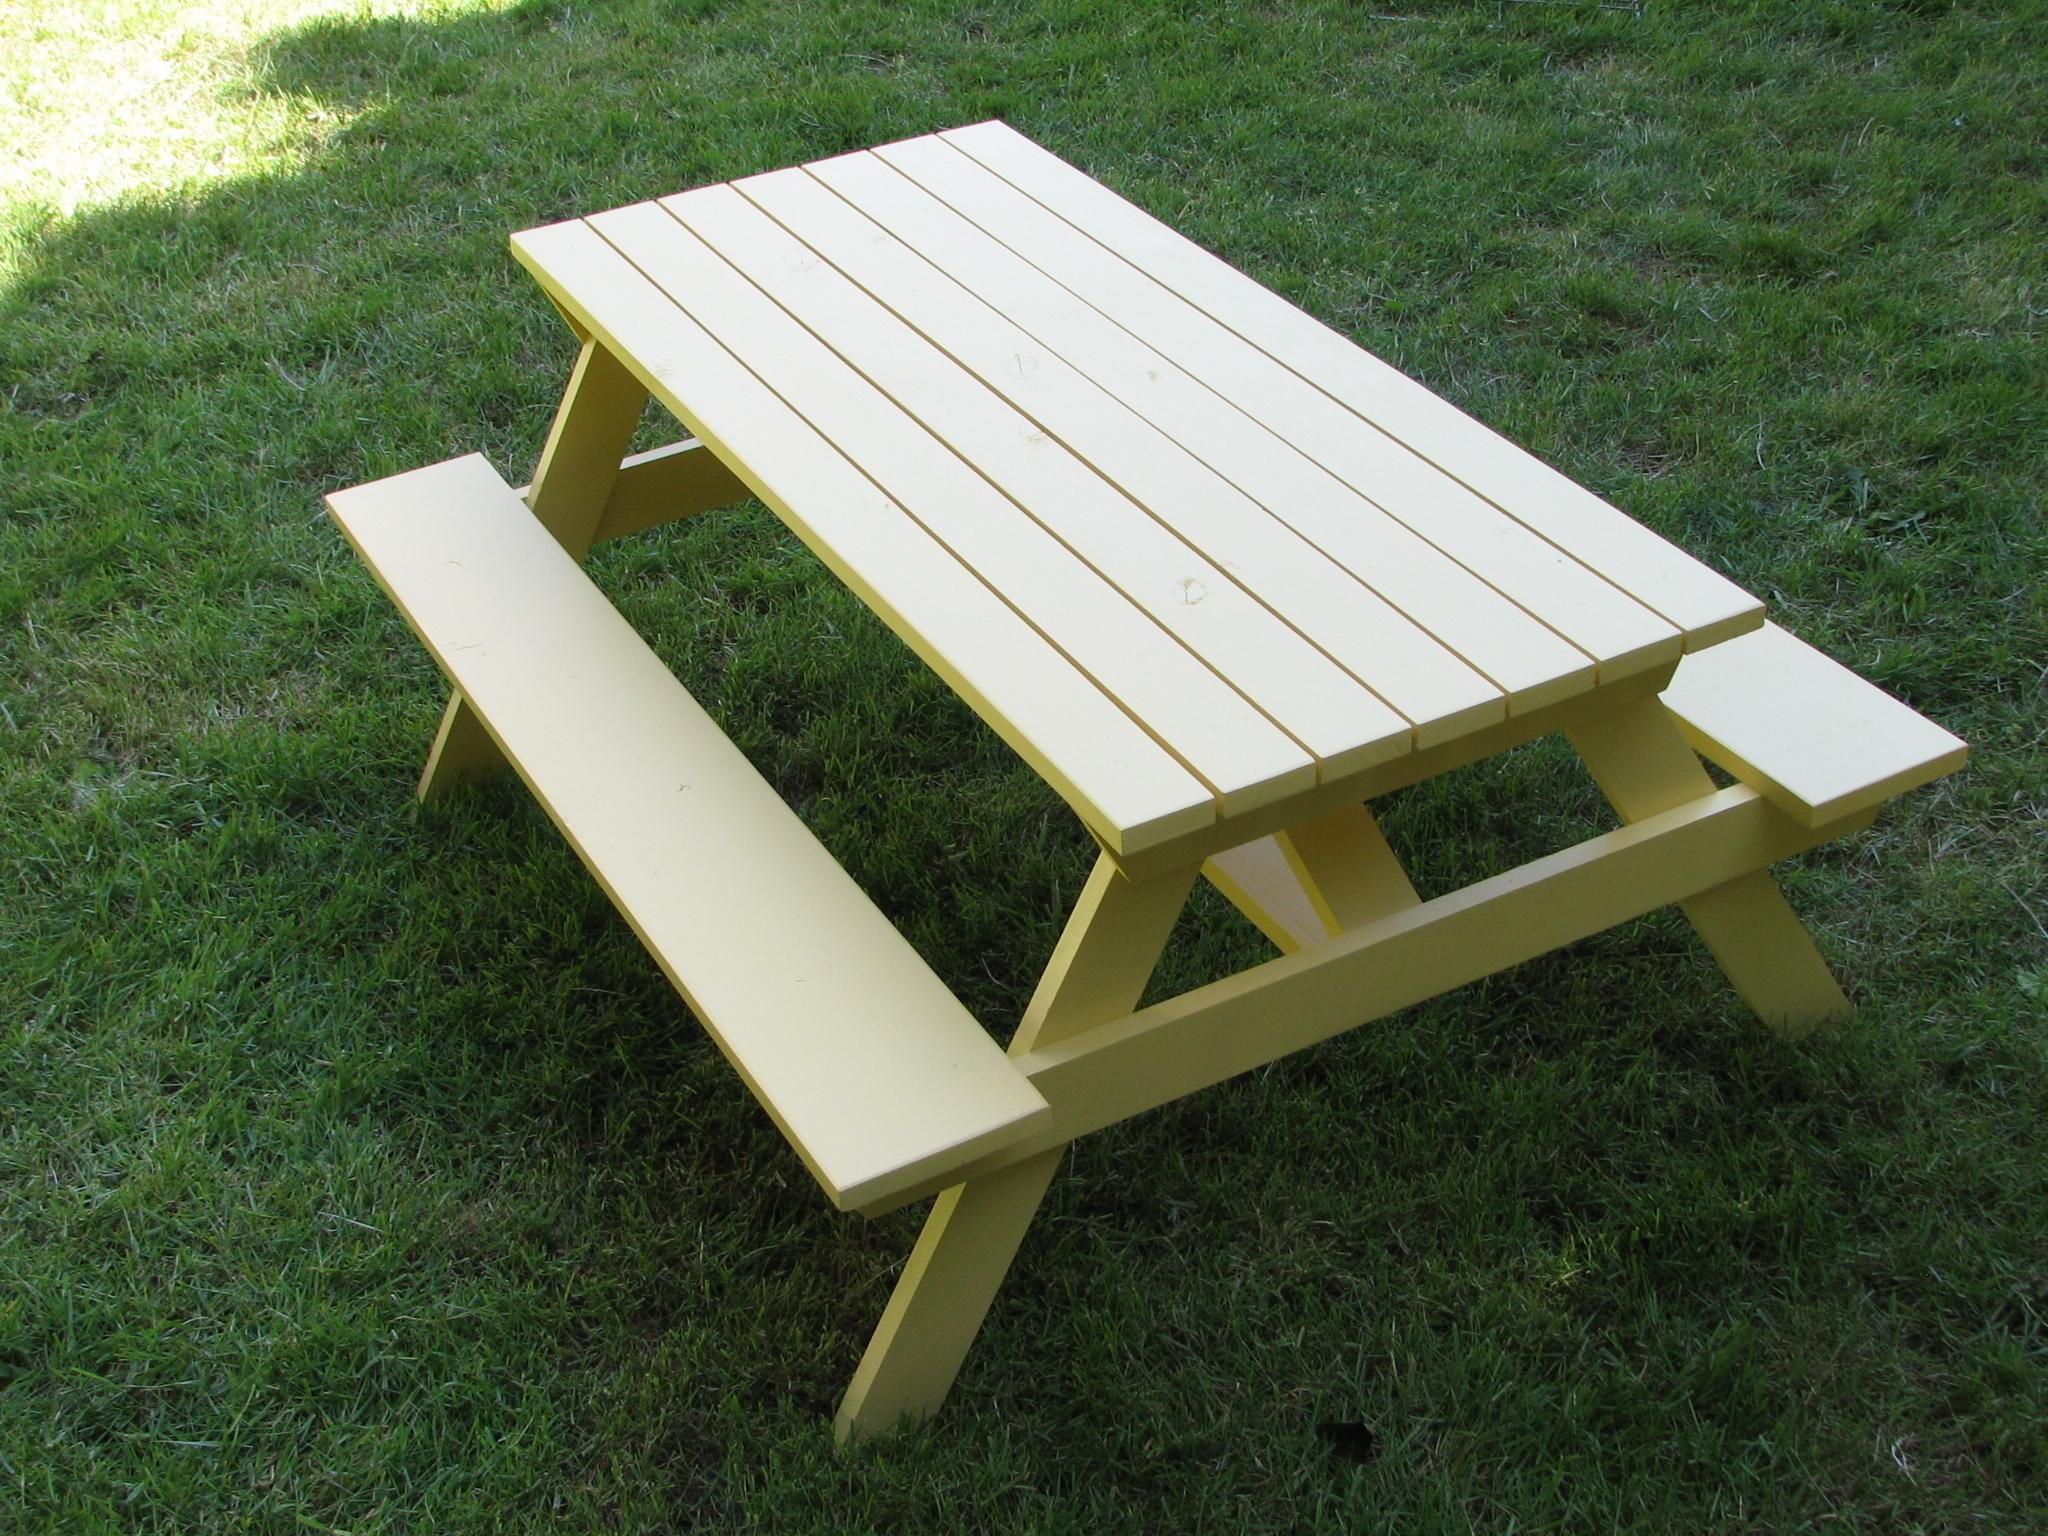 Plan Pour Fabriquer Une Table De Jardin fabriquer sa propre table de pique-nique | Étape par étape